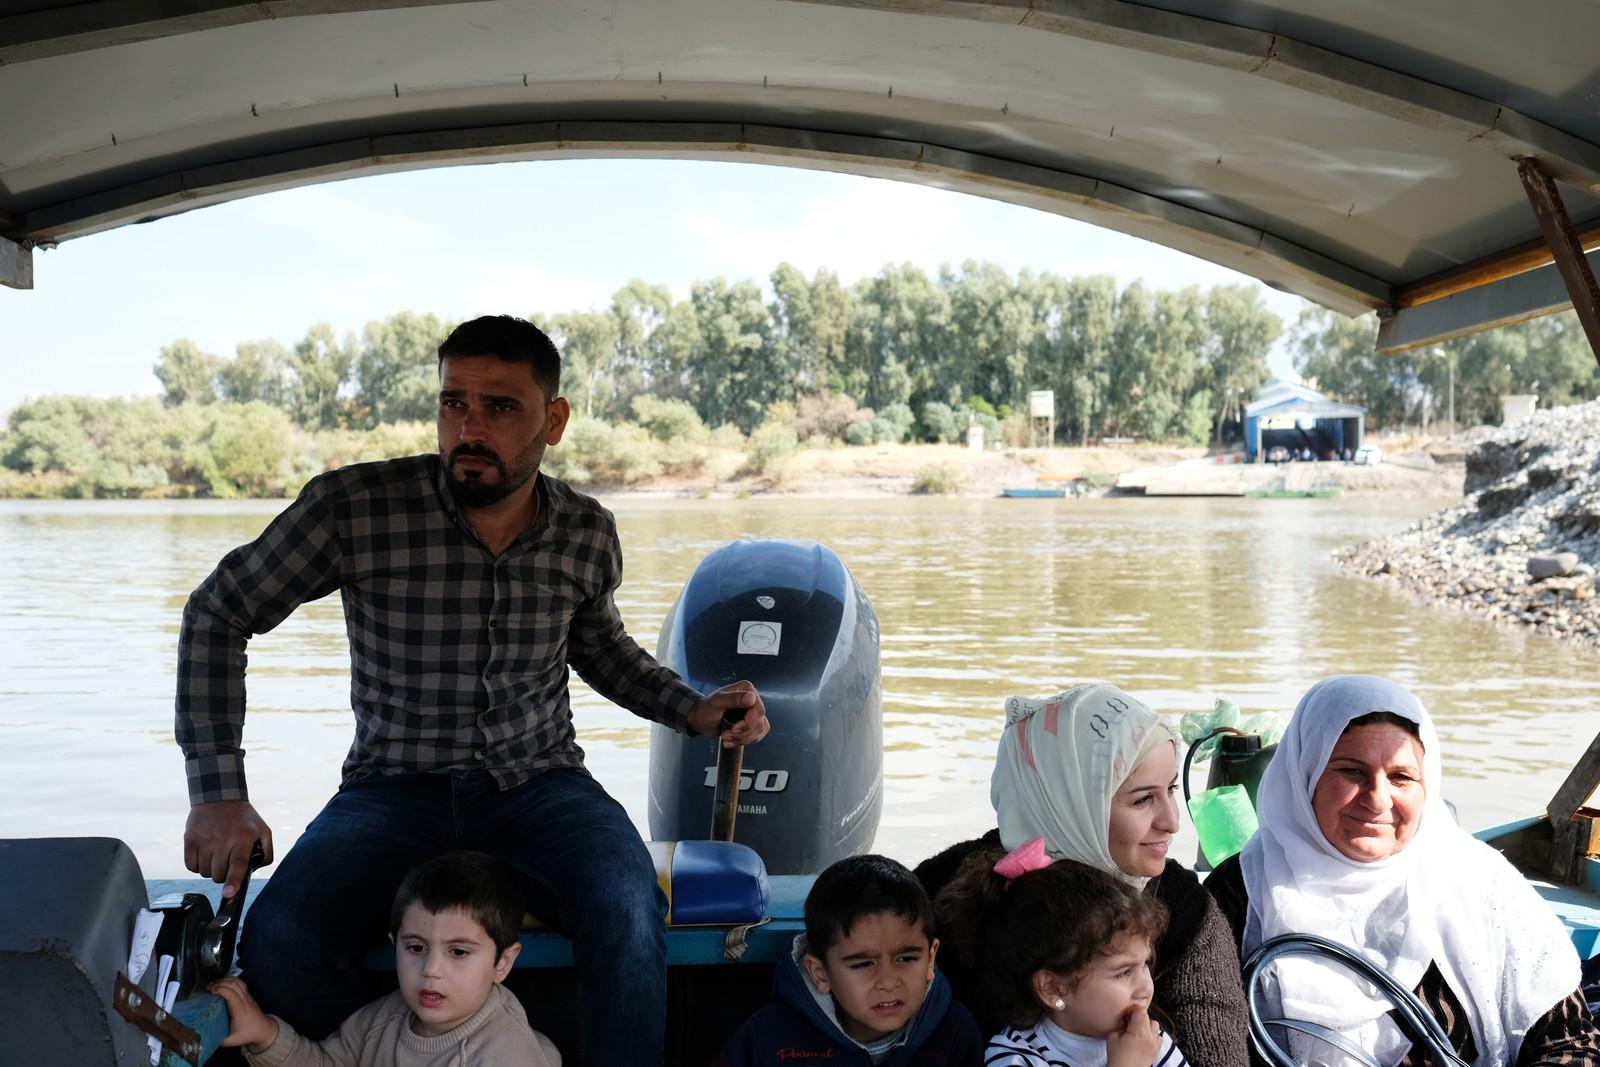 Båtene går så snart de er fulle. Mange syrere reiser med båt til Irak for å handle.